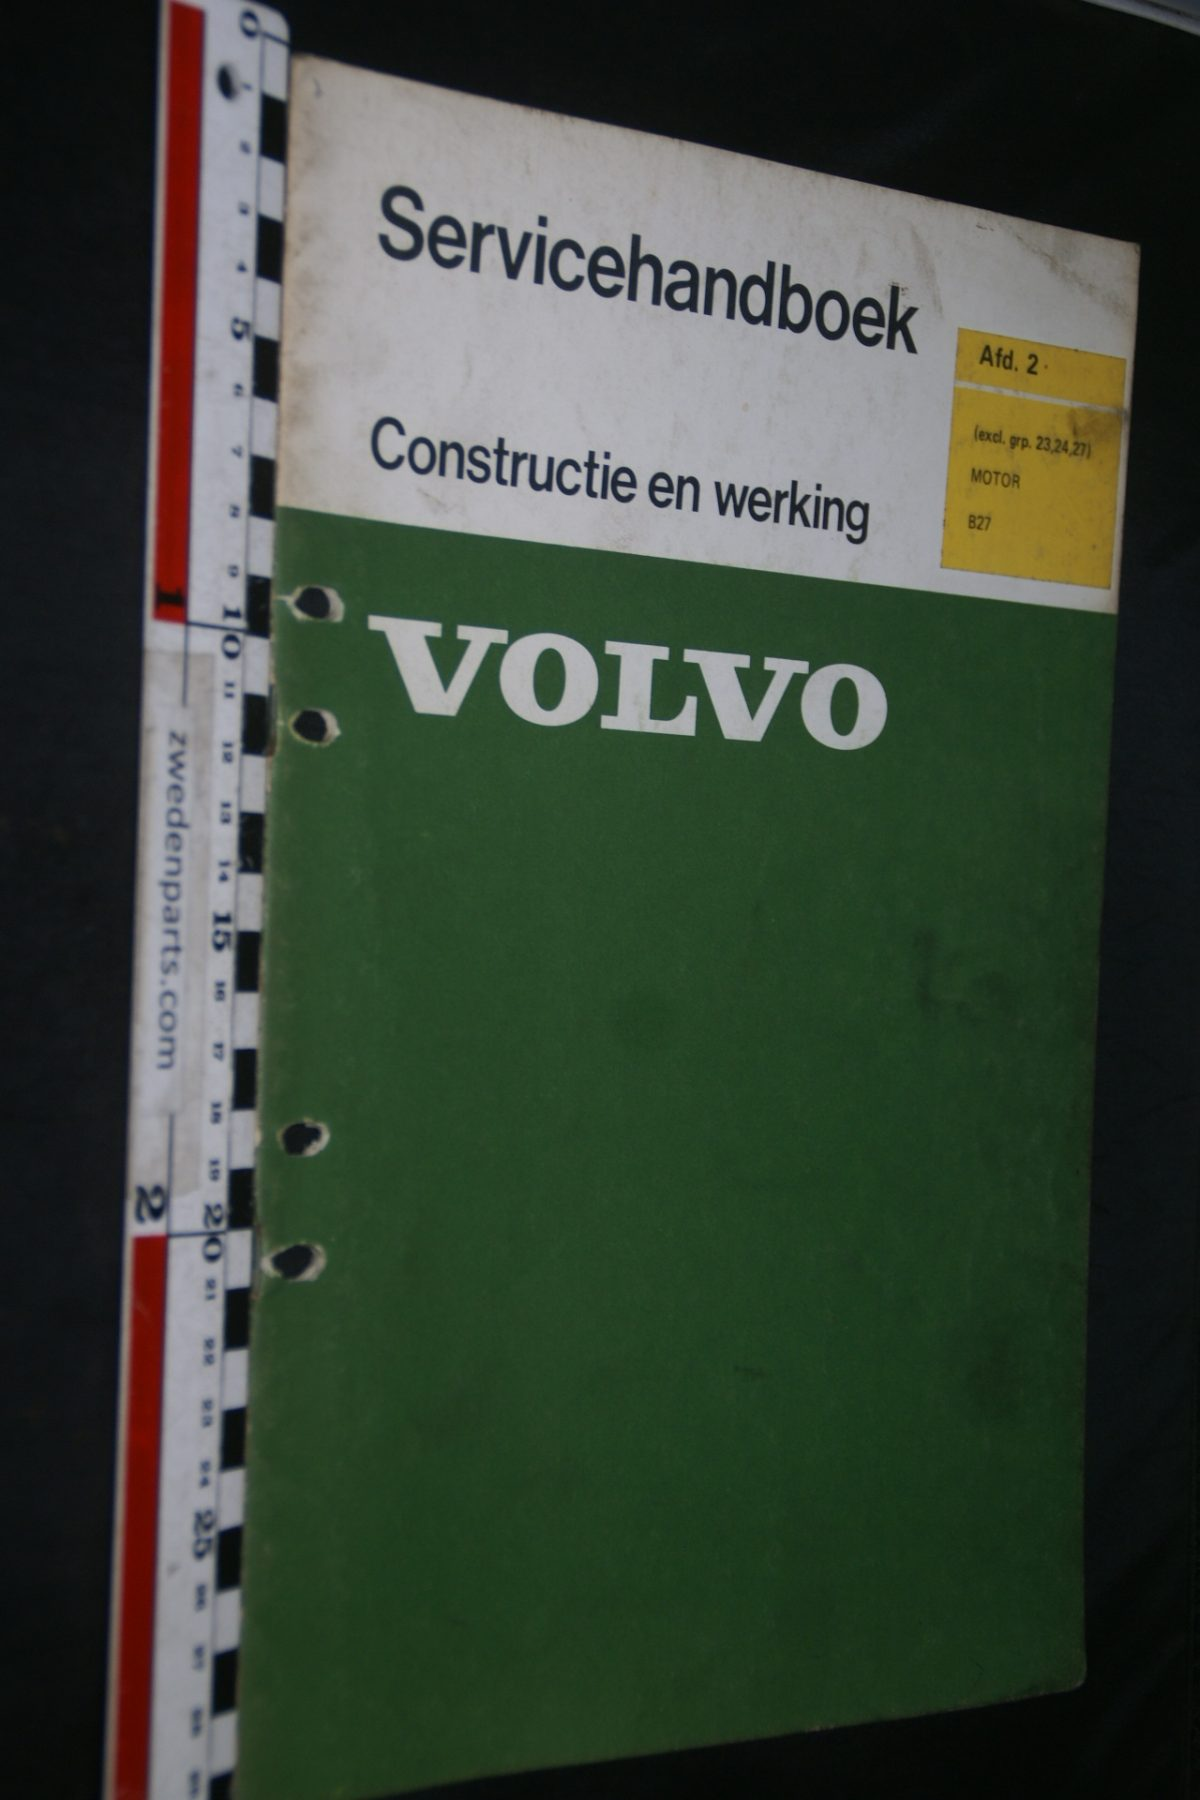 DSC06760 1975 origineel Volvo B27 motor 260 servicehandboek 2 1 van 500 TP 10984-1